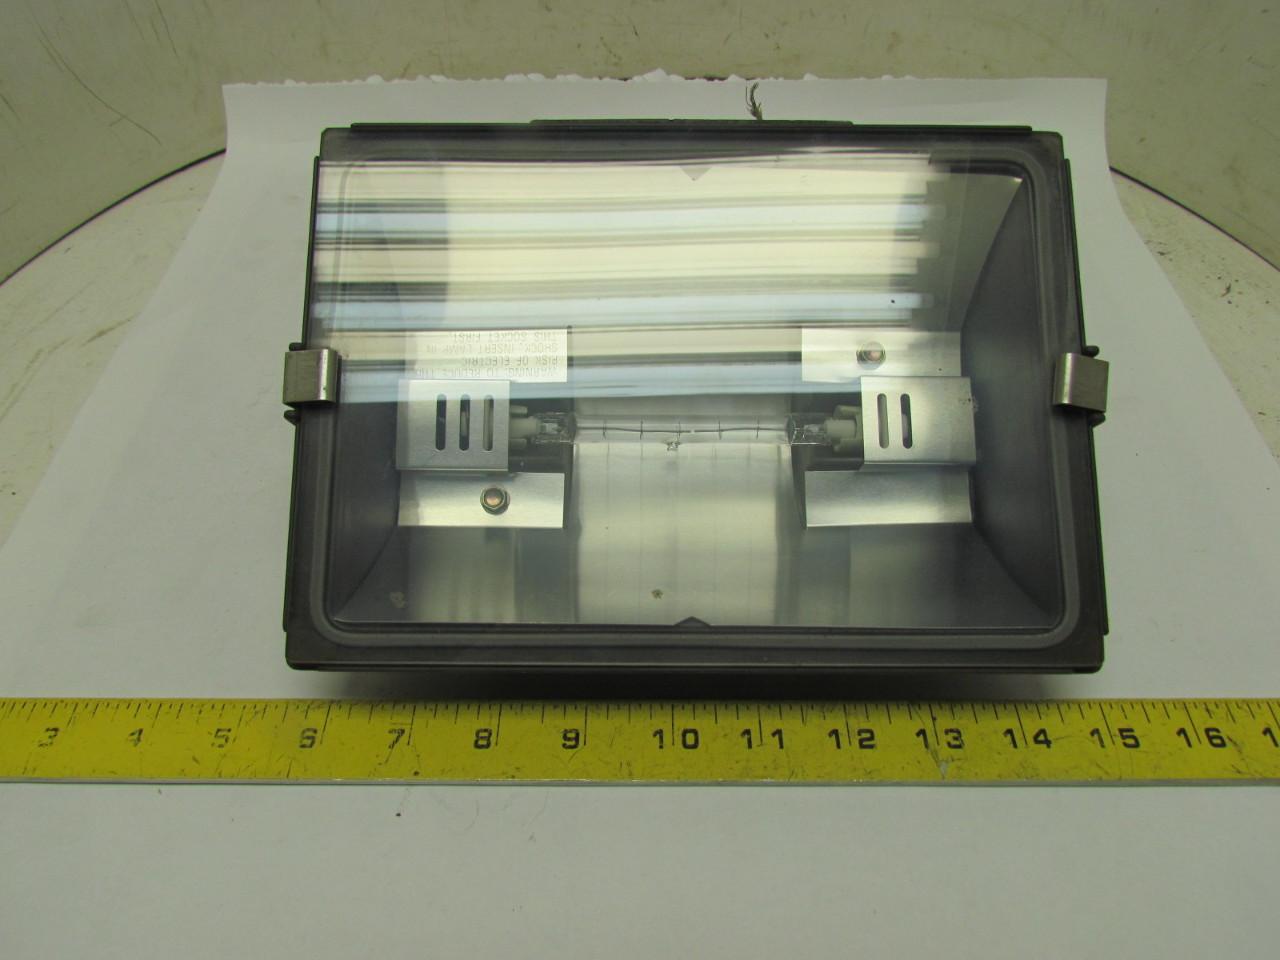 incandescent outdoor wet location light fixture 500 watt t. Black Bedroom Furniture Sets. Home Design Ideas